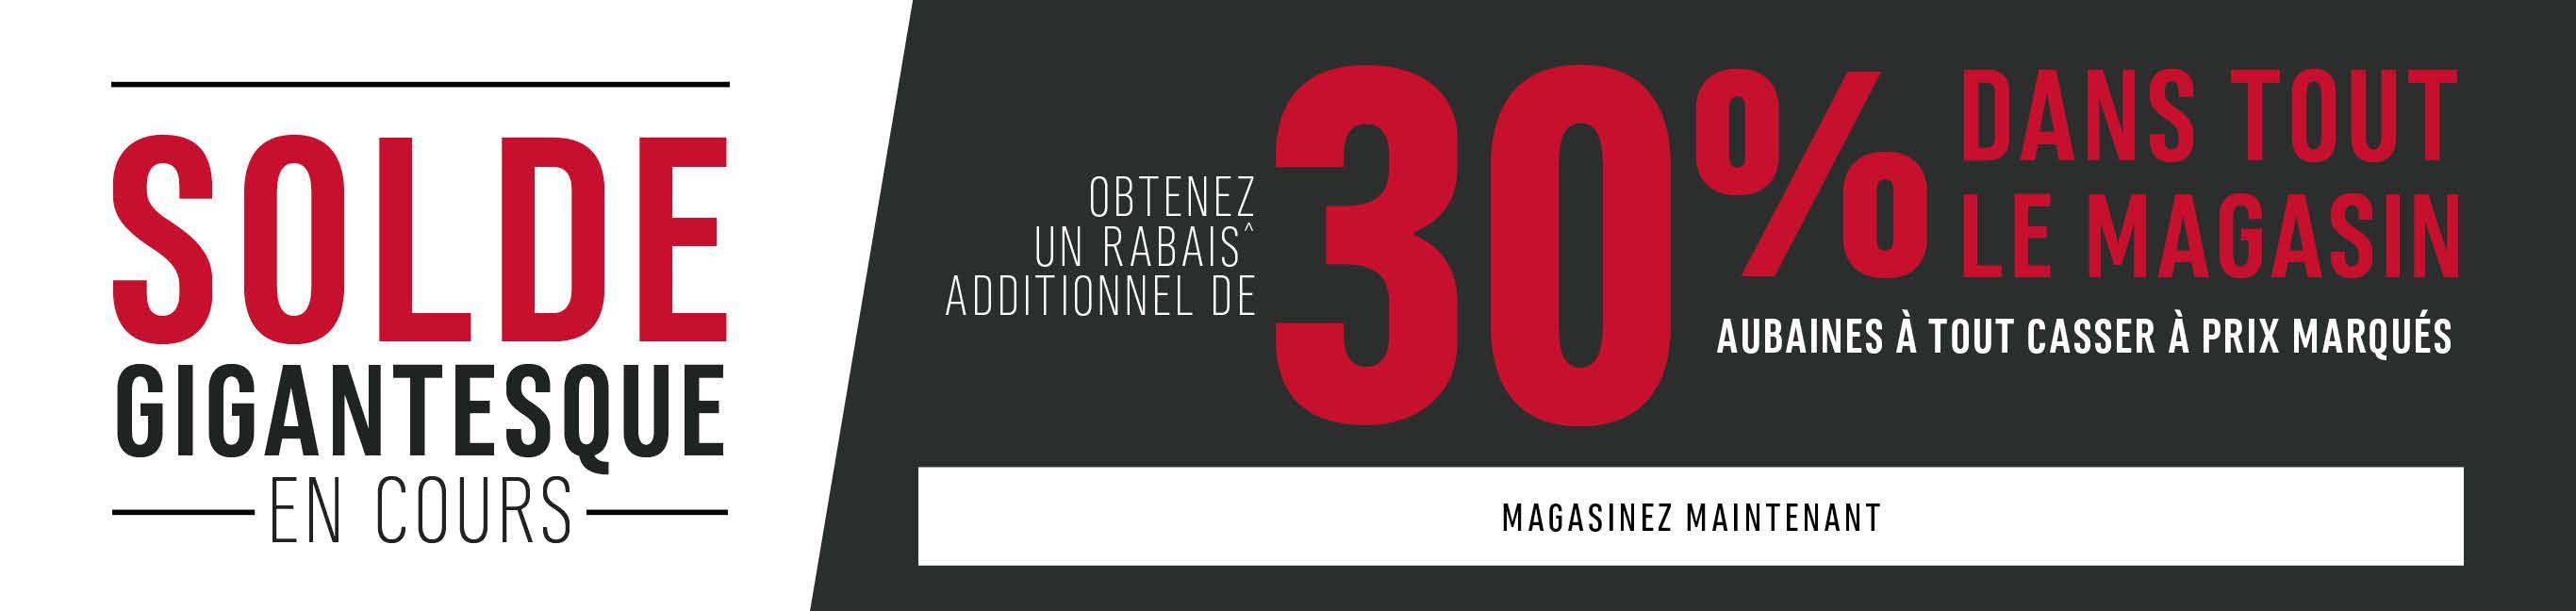 SOLDE GIGANTESQUE: Obtenez Un Rabais* Additionnel De 30% Dans Tout Le Magasin. Magasinez maintenant